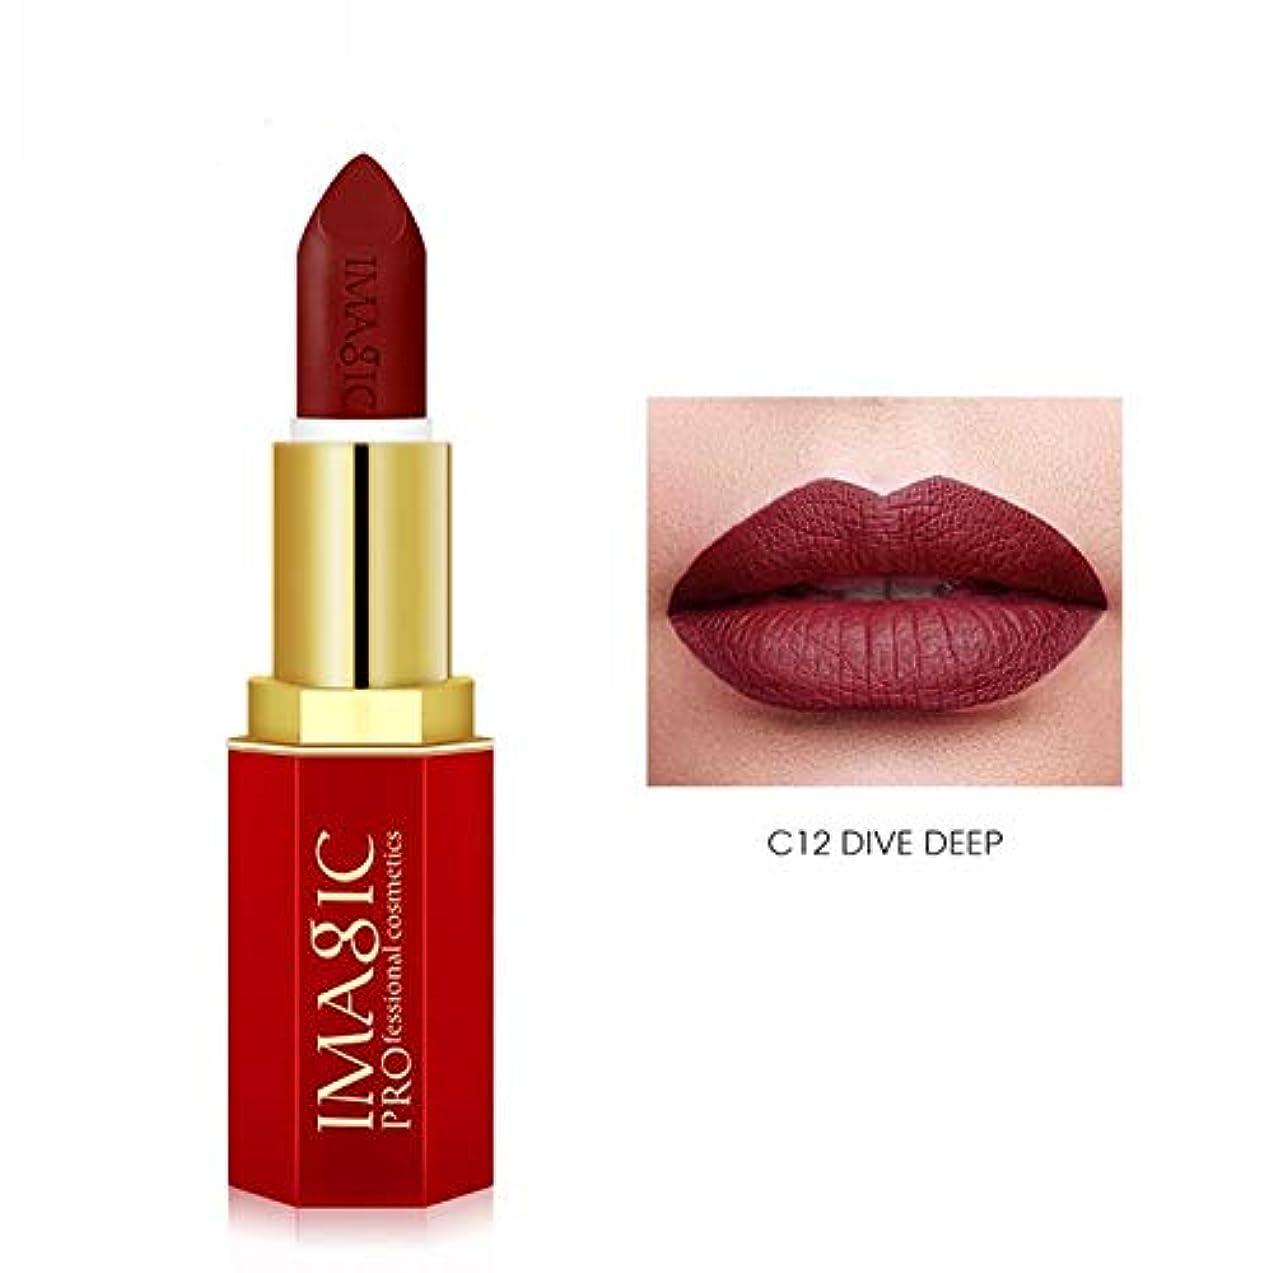 発動機クスコ連想注意イマジック魅力的な口紅モイスチャライザー唇滑らかなリップスティック長持ちリップリップスティック化粧品美容メイク12色